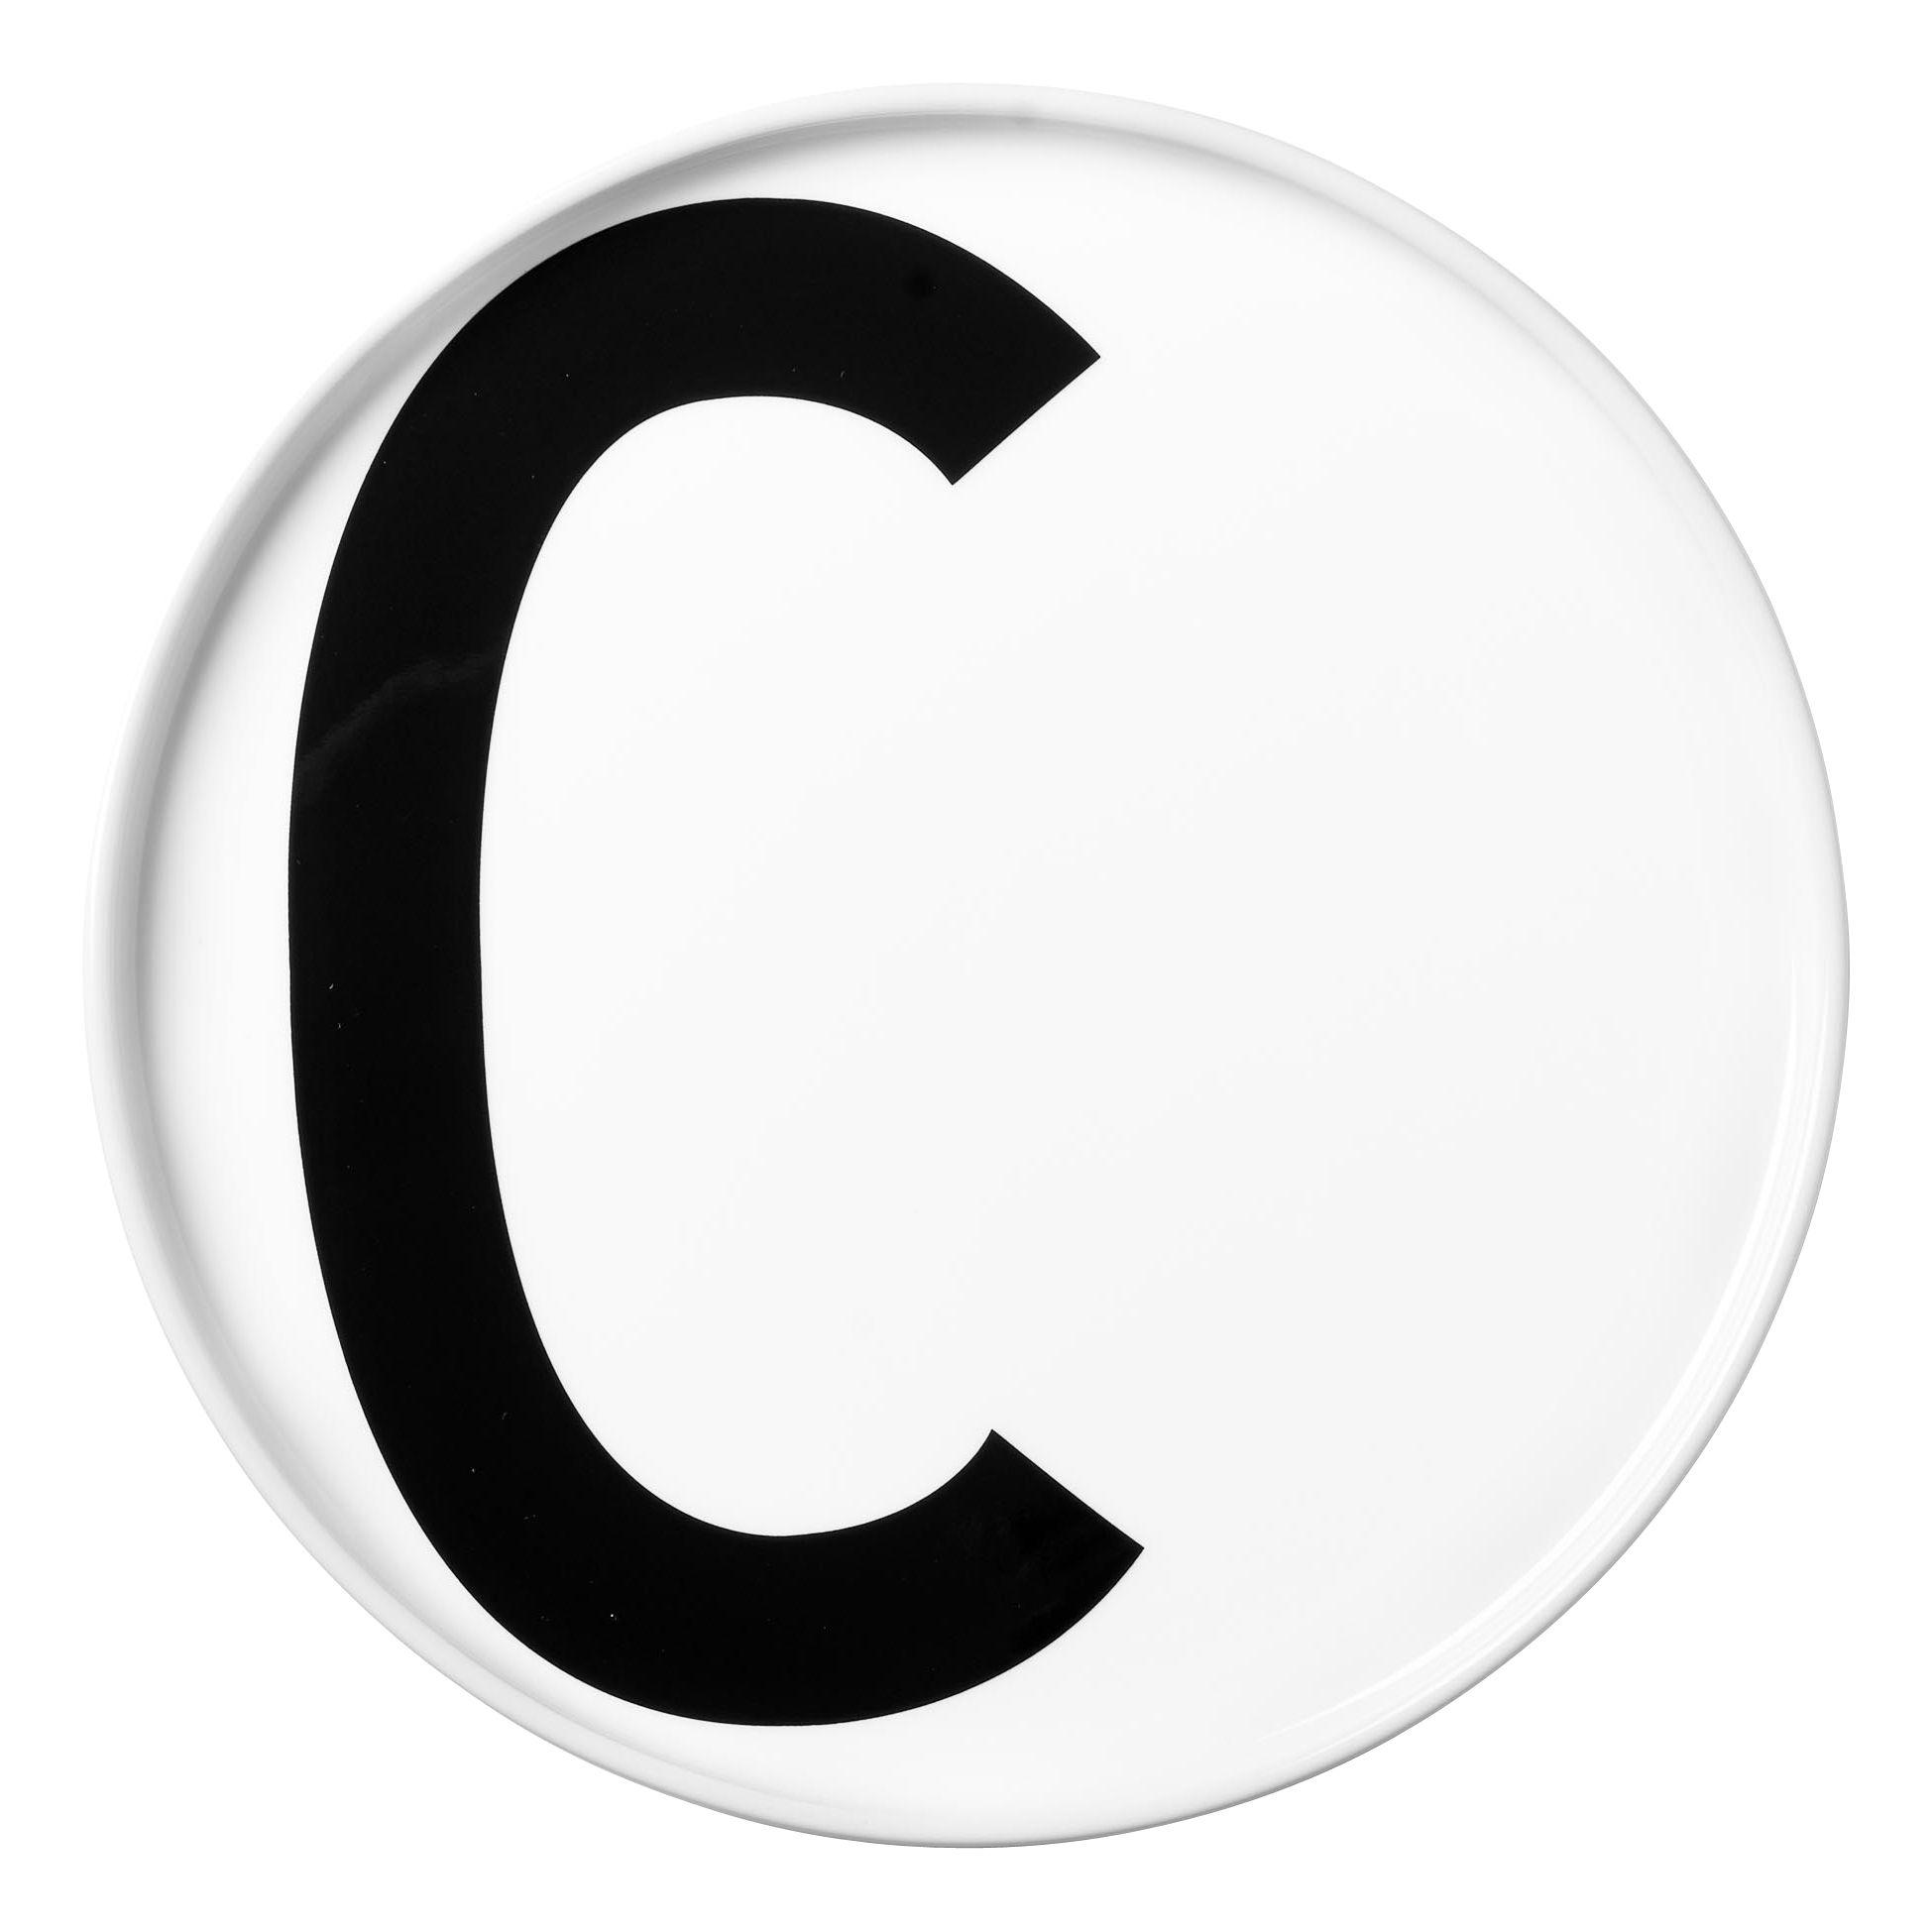 Tavola - Piatti  - Piatto Arne Jacobsen / Porcellana - Lettera C - Ø 20 cm - Design Letters - Bianco / Lettera C - Porcelaine de Chine